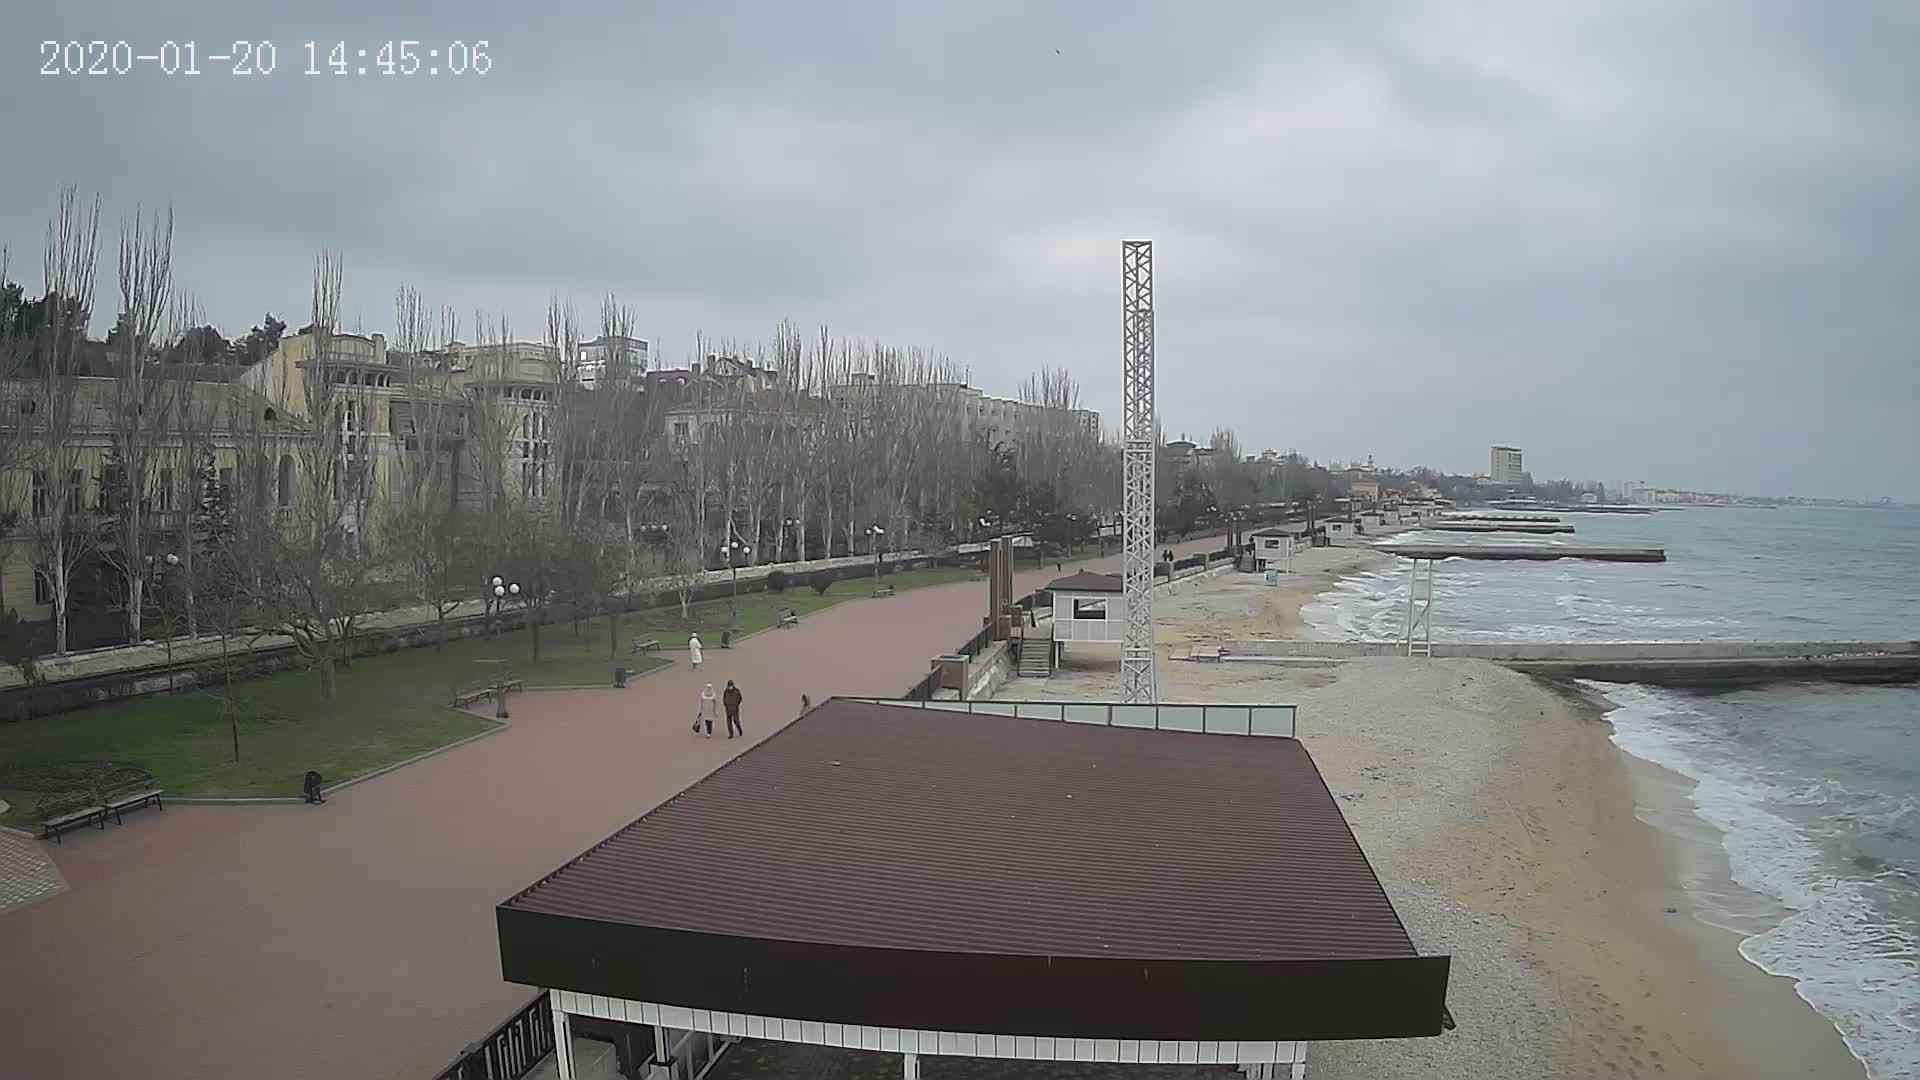 Веб-камеры Феодосии, Пляж Камешки, 2020-01-20 14:45:30